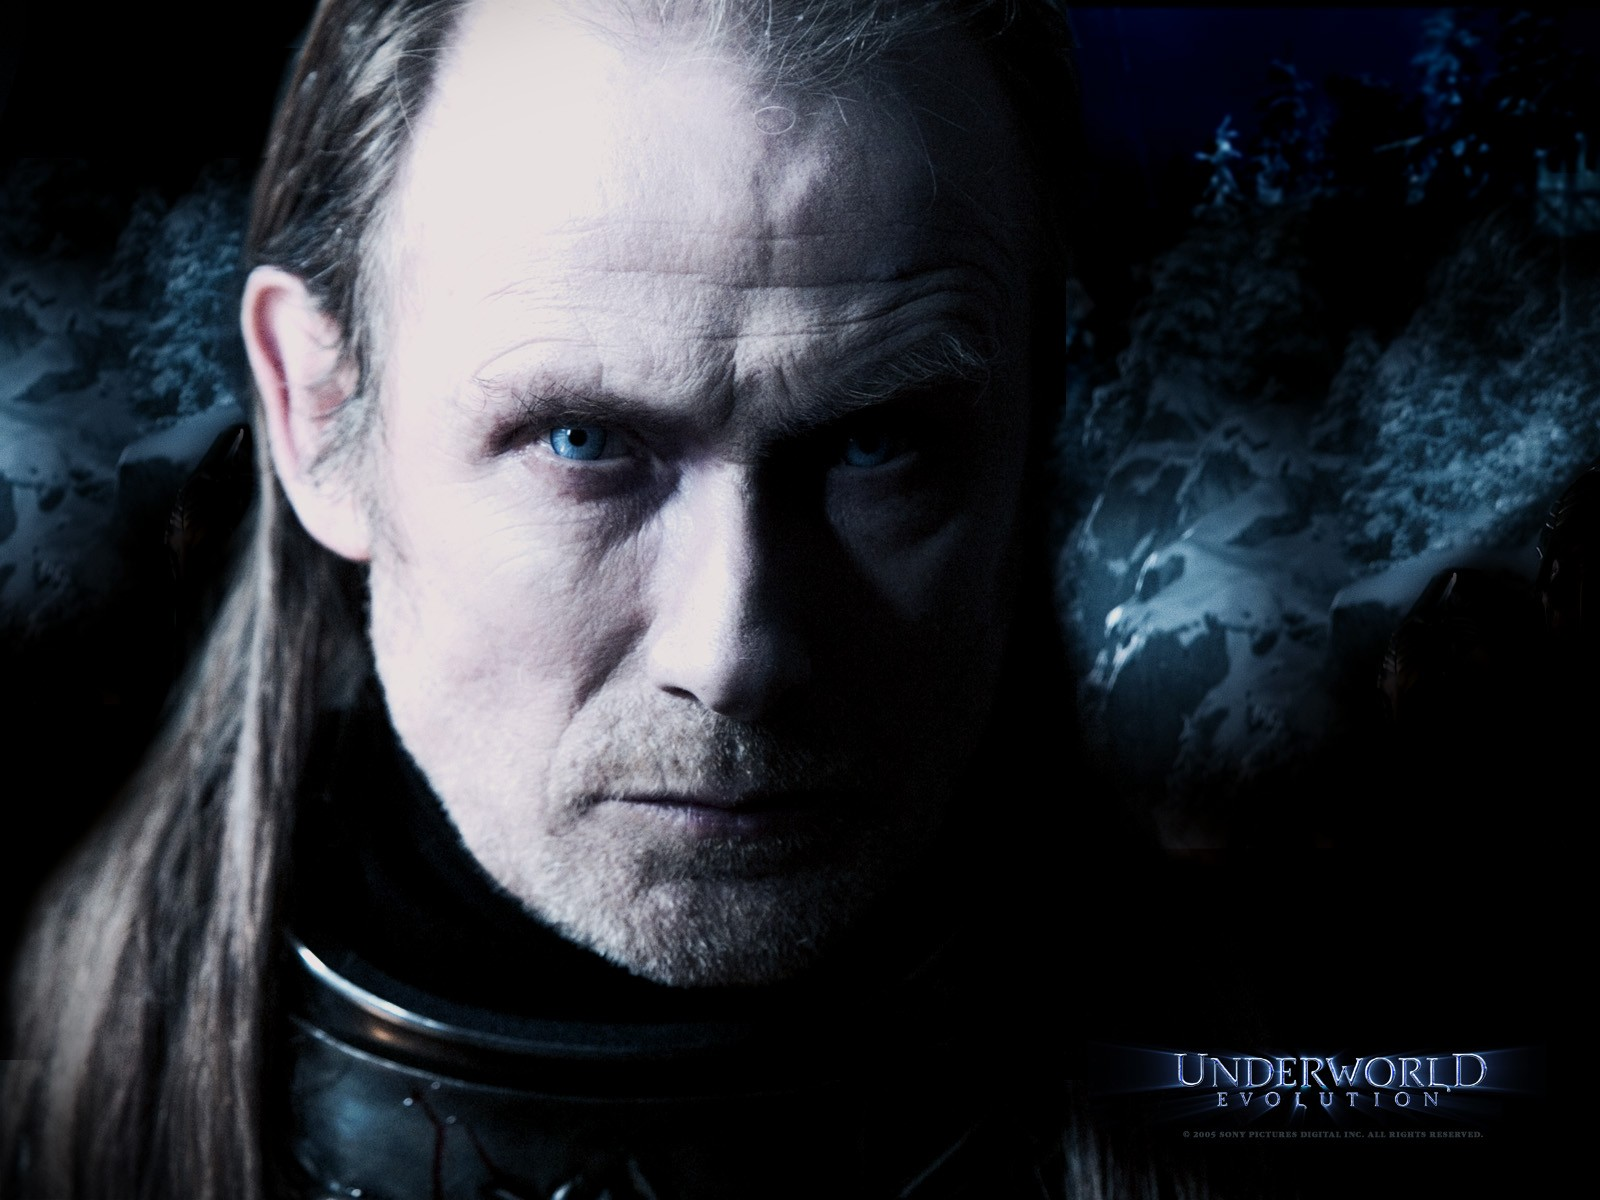 Un wallpaper di Bill Nighy che interpreta Viktor in 'Underworld: Evolution'